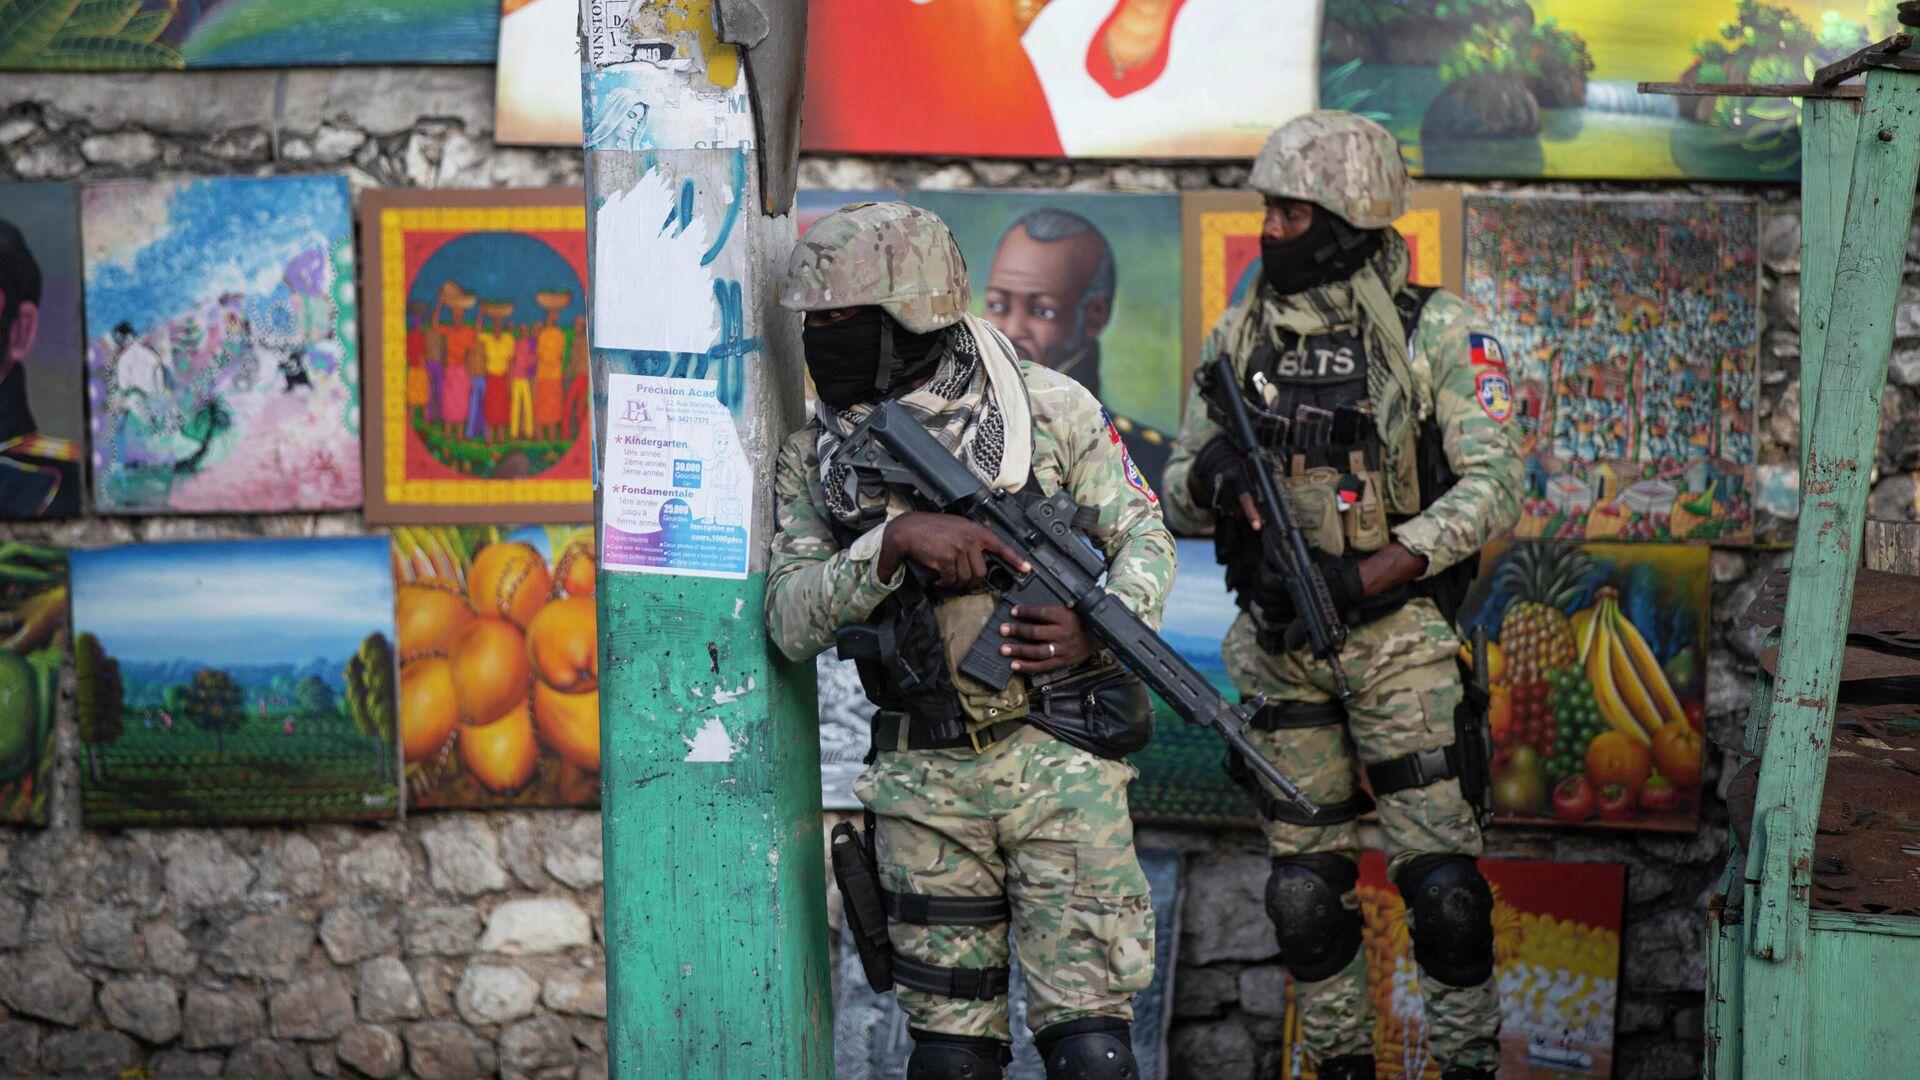 Солдаты патрулируют район Петион Вилль после нападения на резиденцию главы Гаити Жовенеля Моиза - РИА Новости, 1920, 07.07.2021